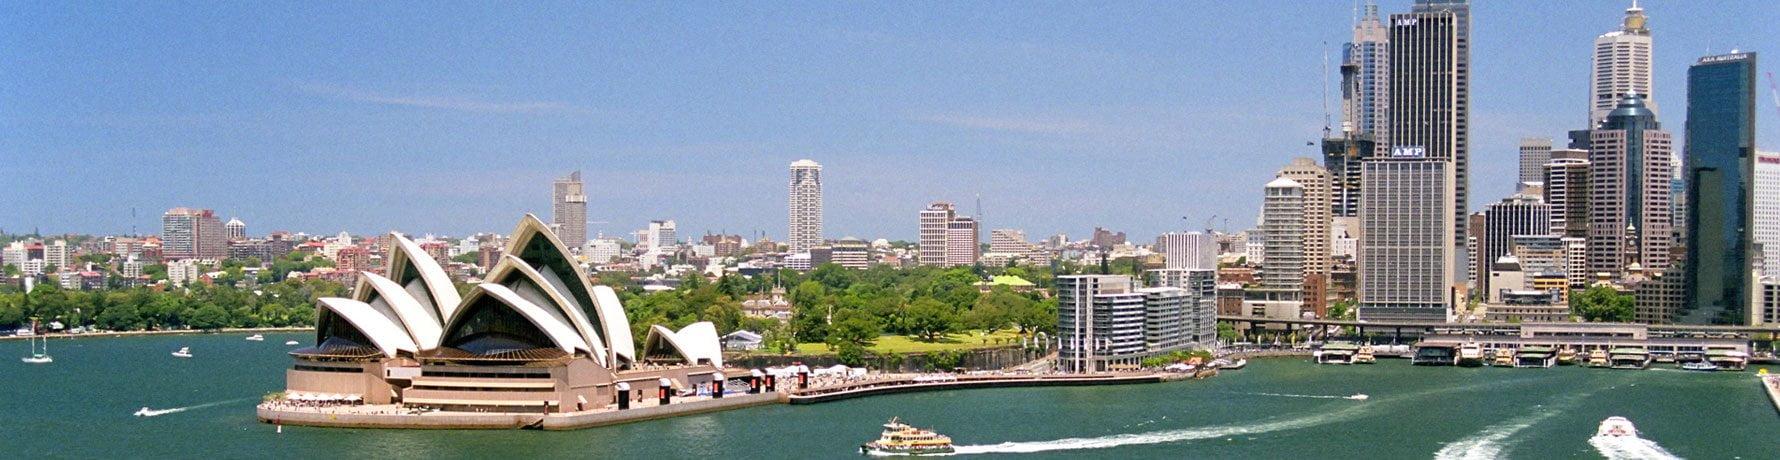 Sydney, i luoghi più belli da visitare